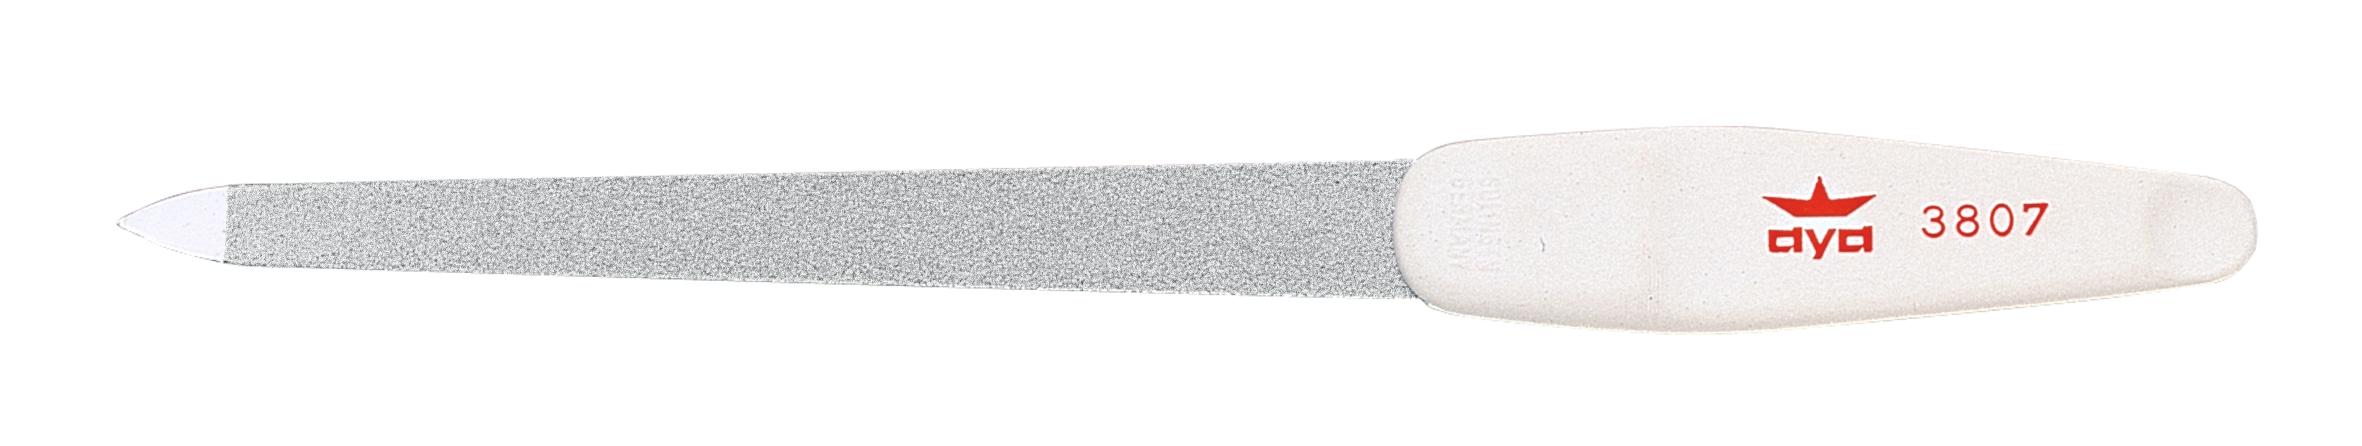 Becker-Manicure AYA Пилочка для ногтей 18см. 9380726102025Пилочка двусторонняя, с одной стороны сапфировое напыление более крупное для придания ногтю формы, с другой более мелкое для завершения шлифовки ногтя.Длина пилочки 18 смХранить в сухом недоступном для детей месте.Срок годности не ограничен.Замена изделия не осуществляется в следующих случаях:- Использование не по назначению- Самостоятельный ремонт- Нарушение условий хранения